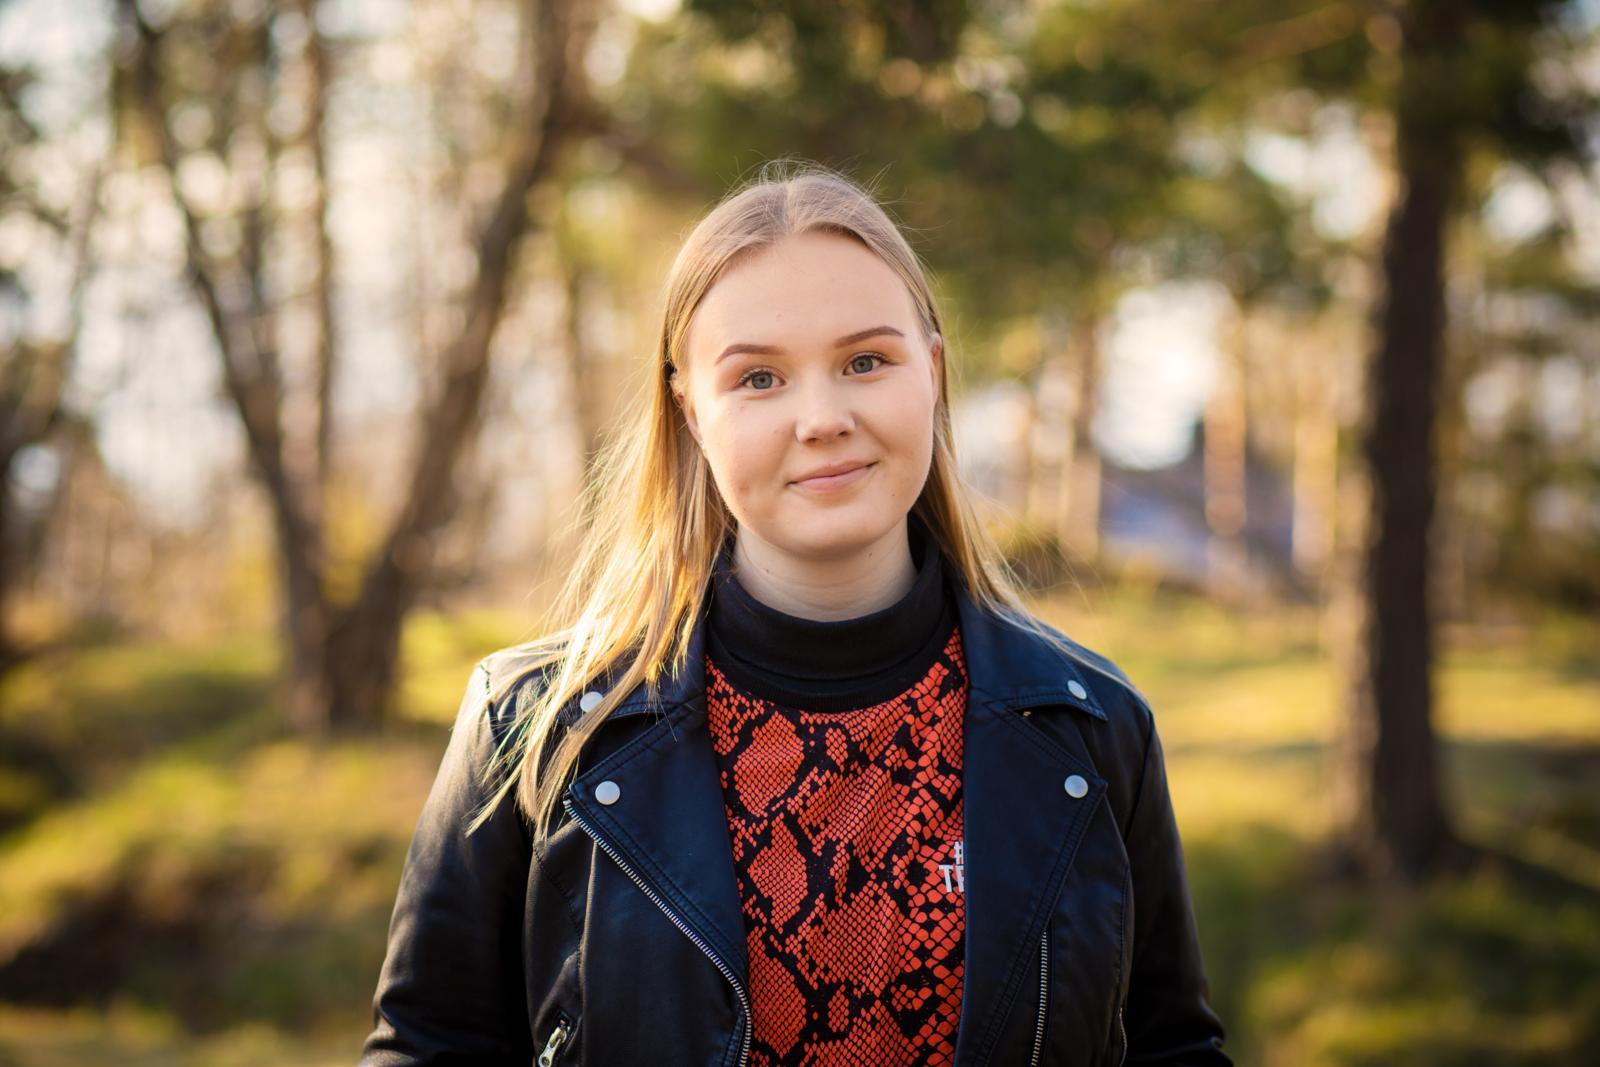 Neea Lindbergillä on tulevaksi kesäksi uusi työ marjojen myyjänä. Kuva: Eeva Anundi